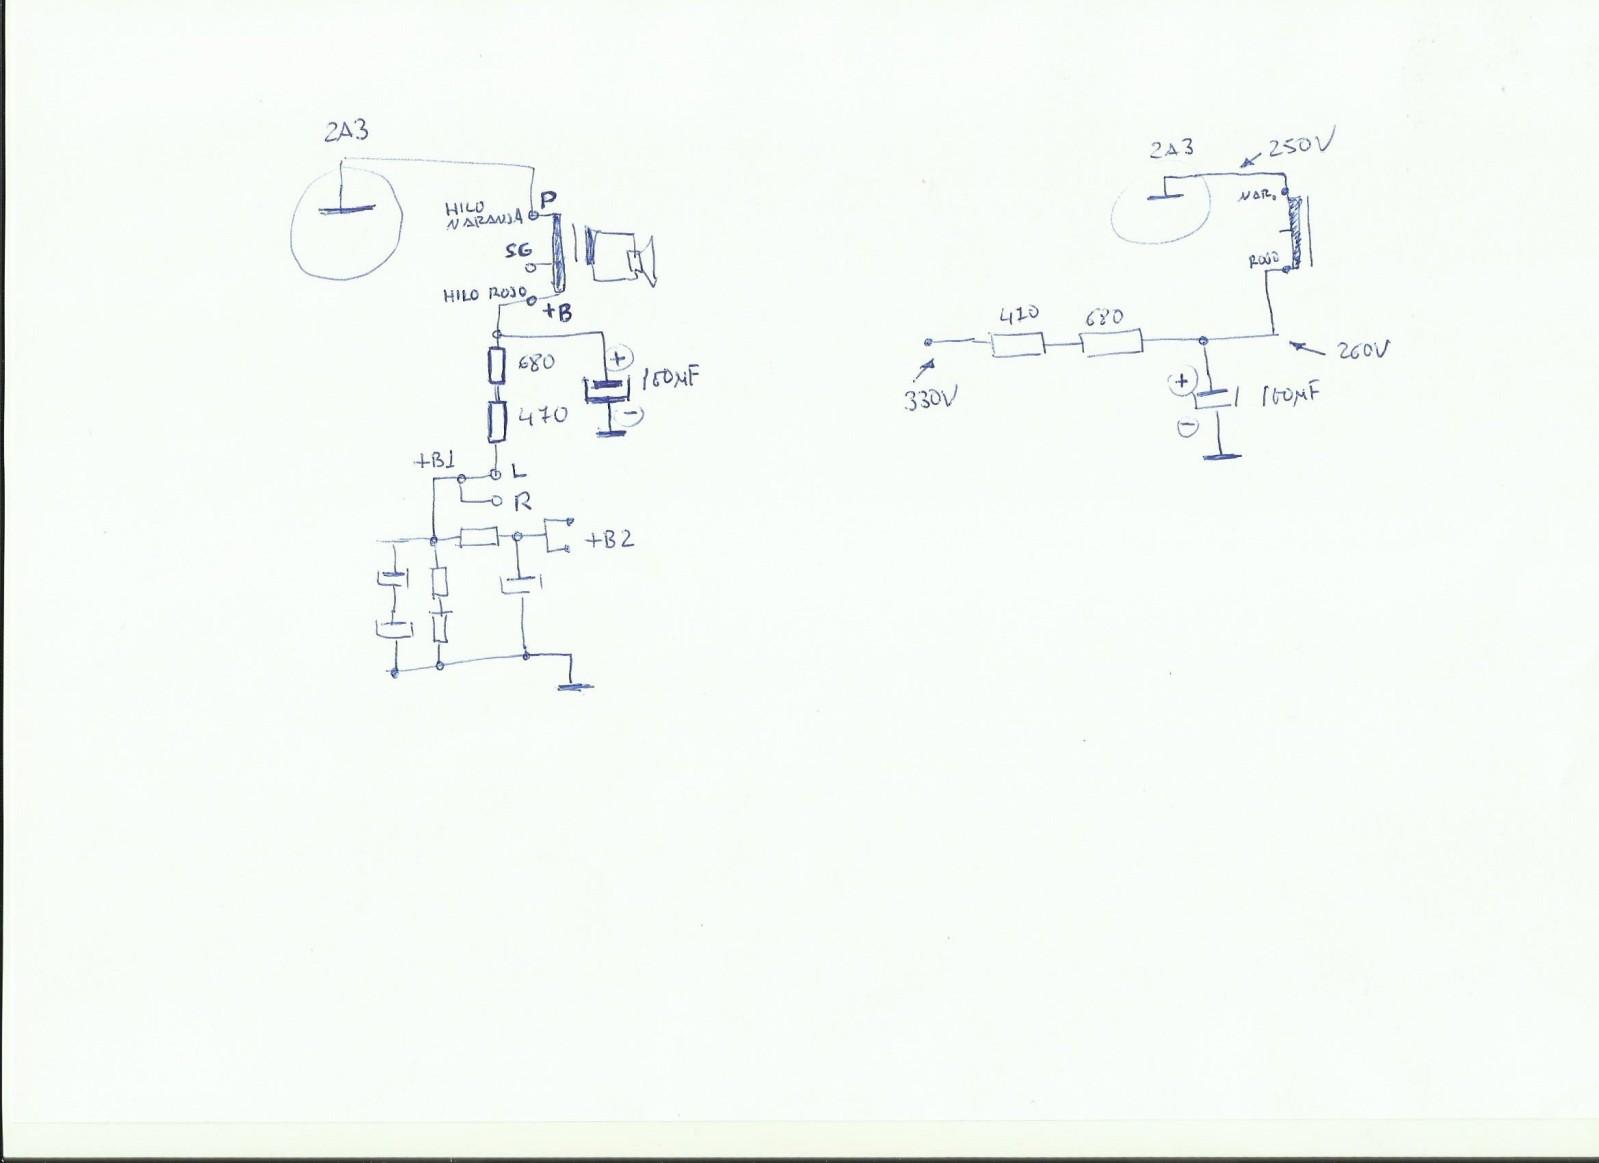 Cambiar condensadores de salida para válvula 300B - Página 14 Bgqr1u